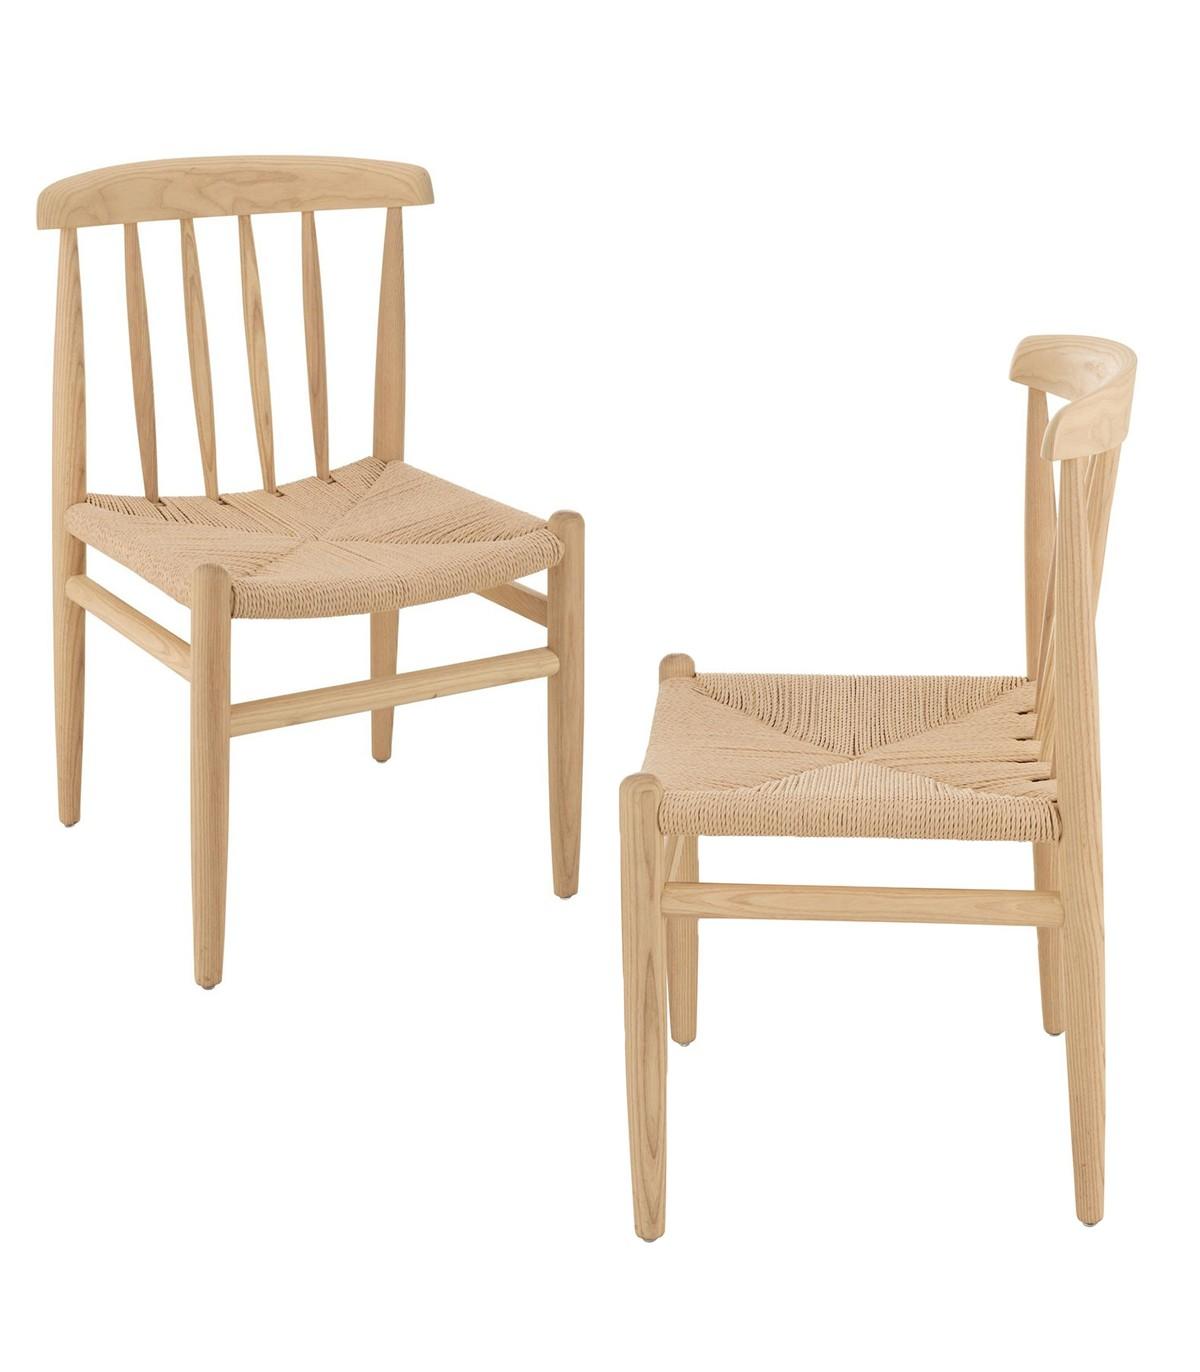 Lot de 2 chaises scandinave en bois naturel - Marron